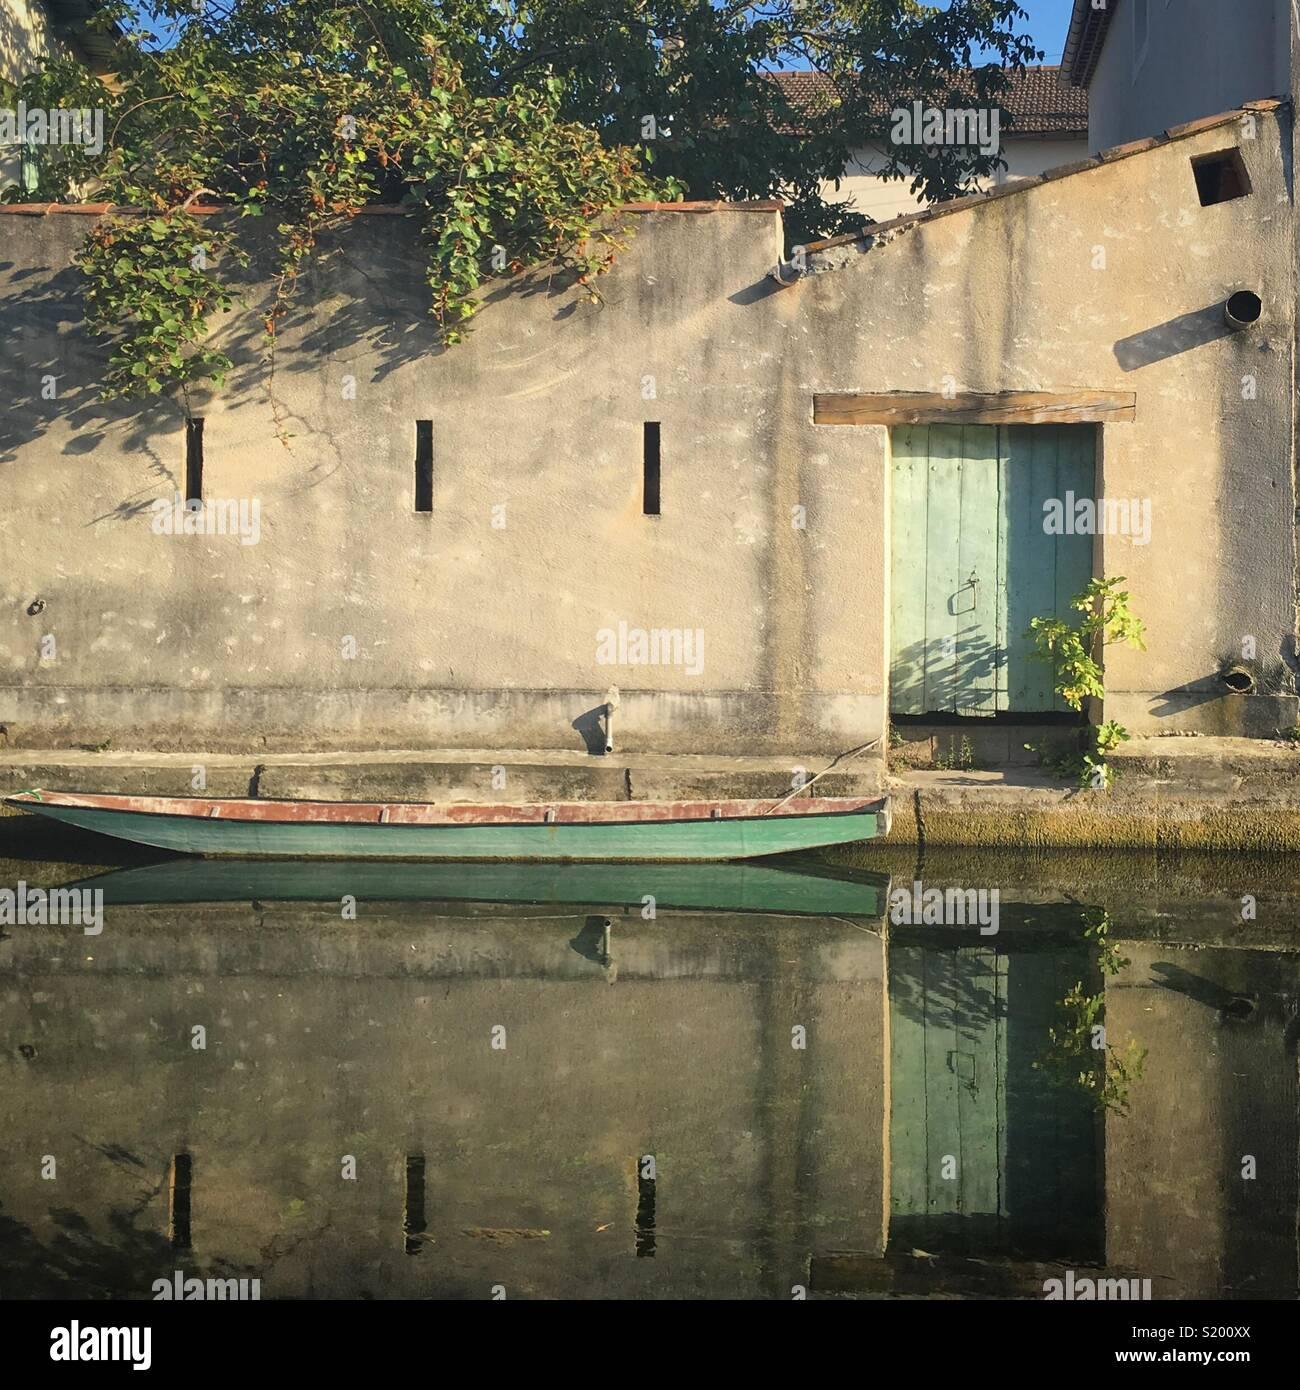 Un bateau sur l'eau à l'Isle sur la Sorgue, Provence, France Photo Stock